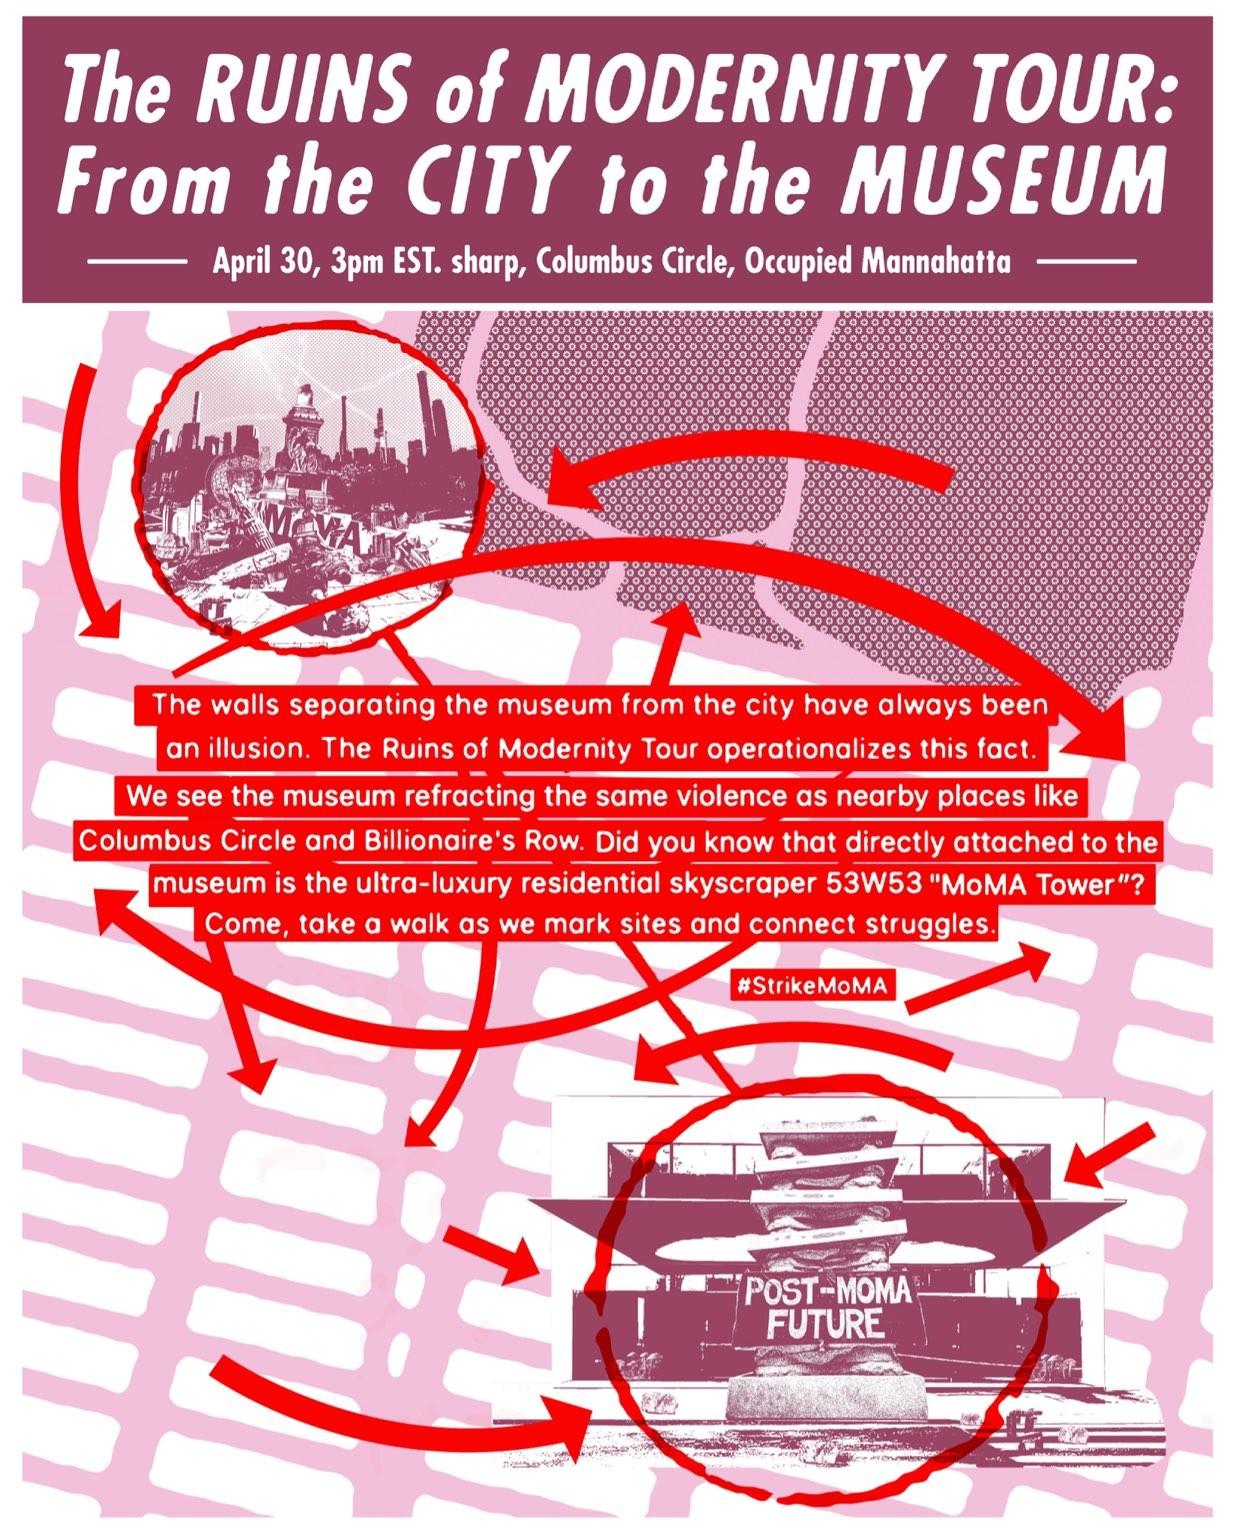 ruins-of-modernity-tour.jpg